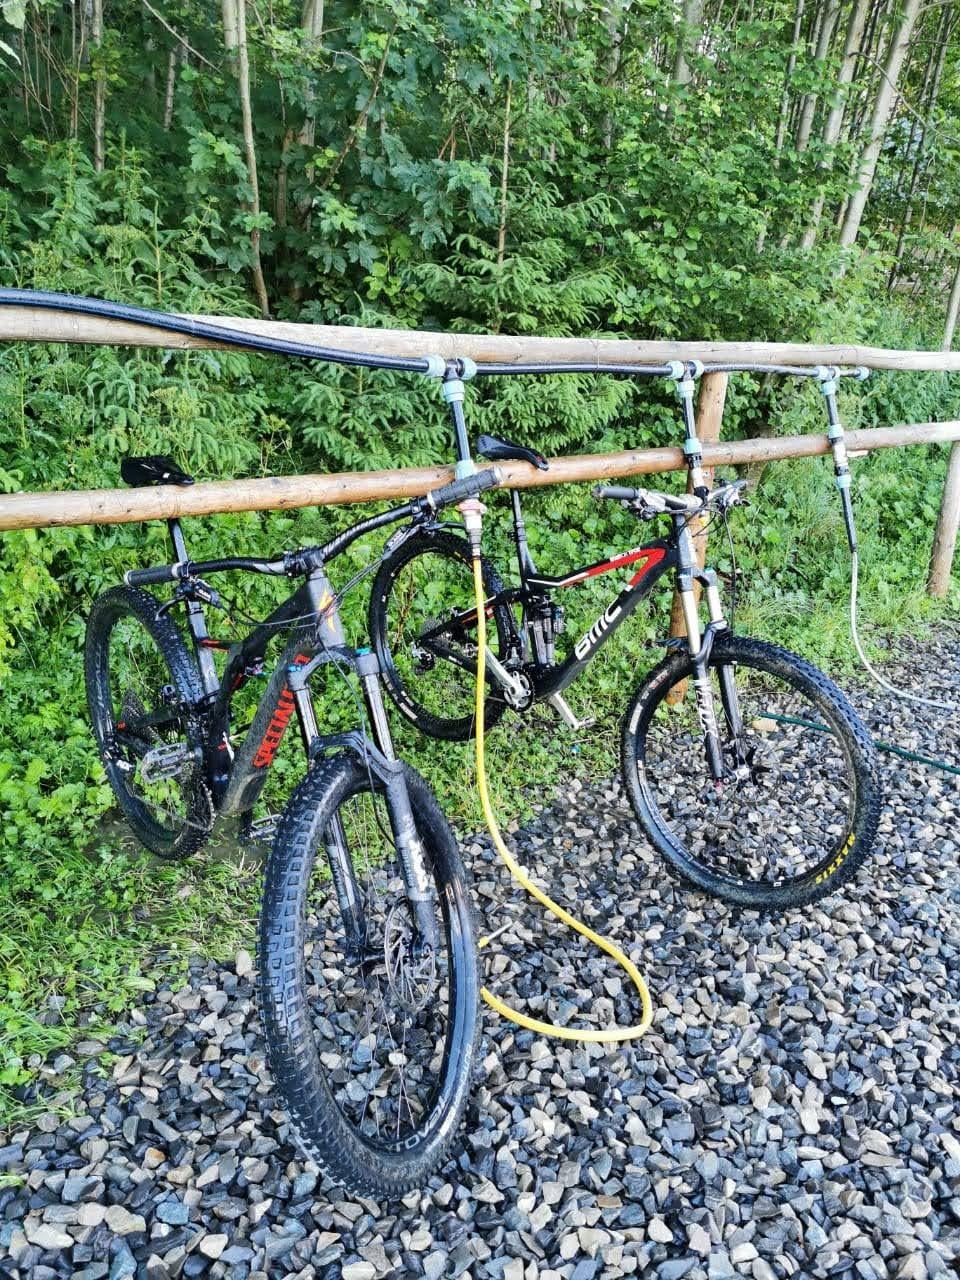 Blogger's name aLbaThron: Поездка в BUKOVEL bike park. Короткая и слегка мокрая поездка в «самый большой» байк парк Украины с подробностями под катом.